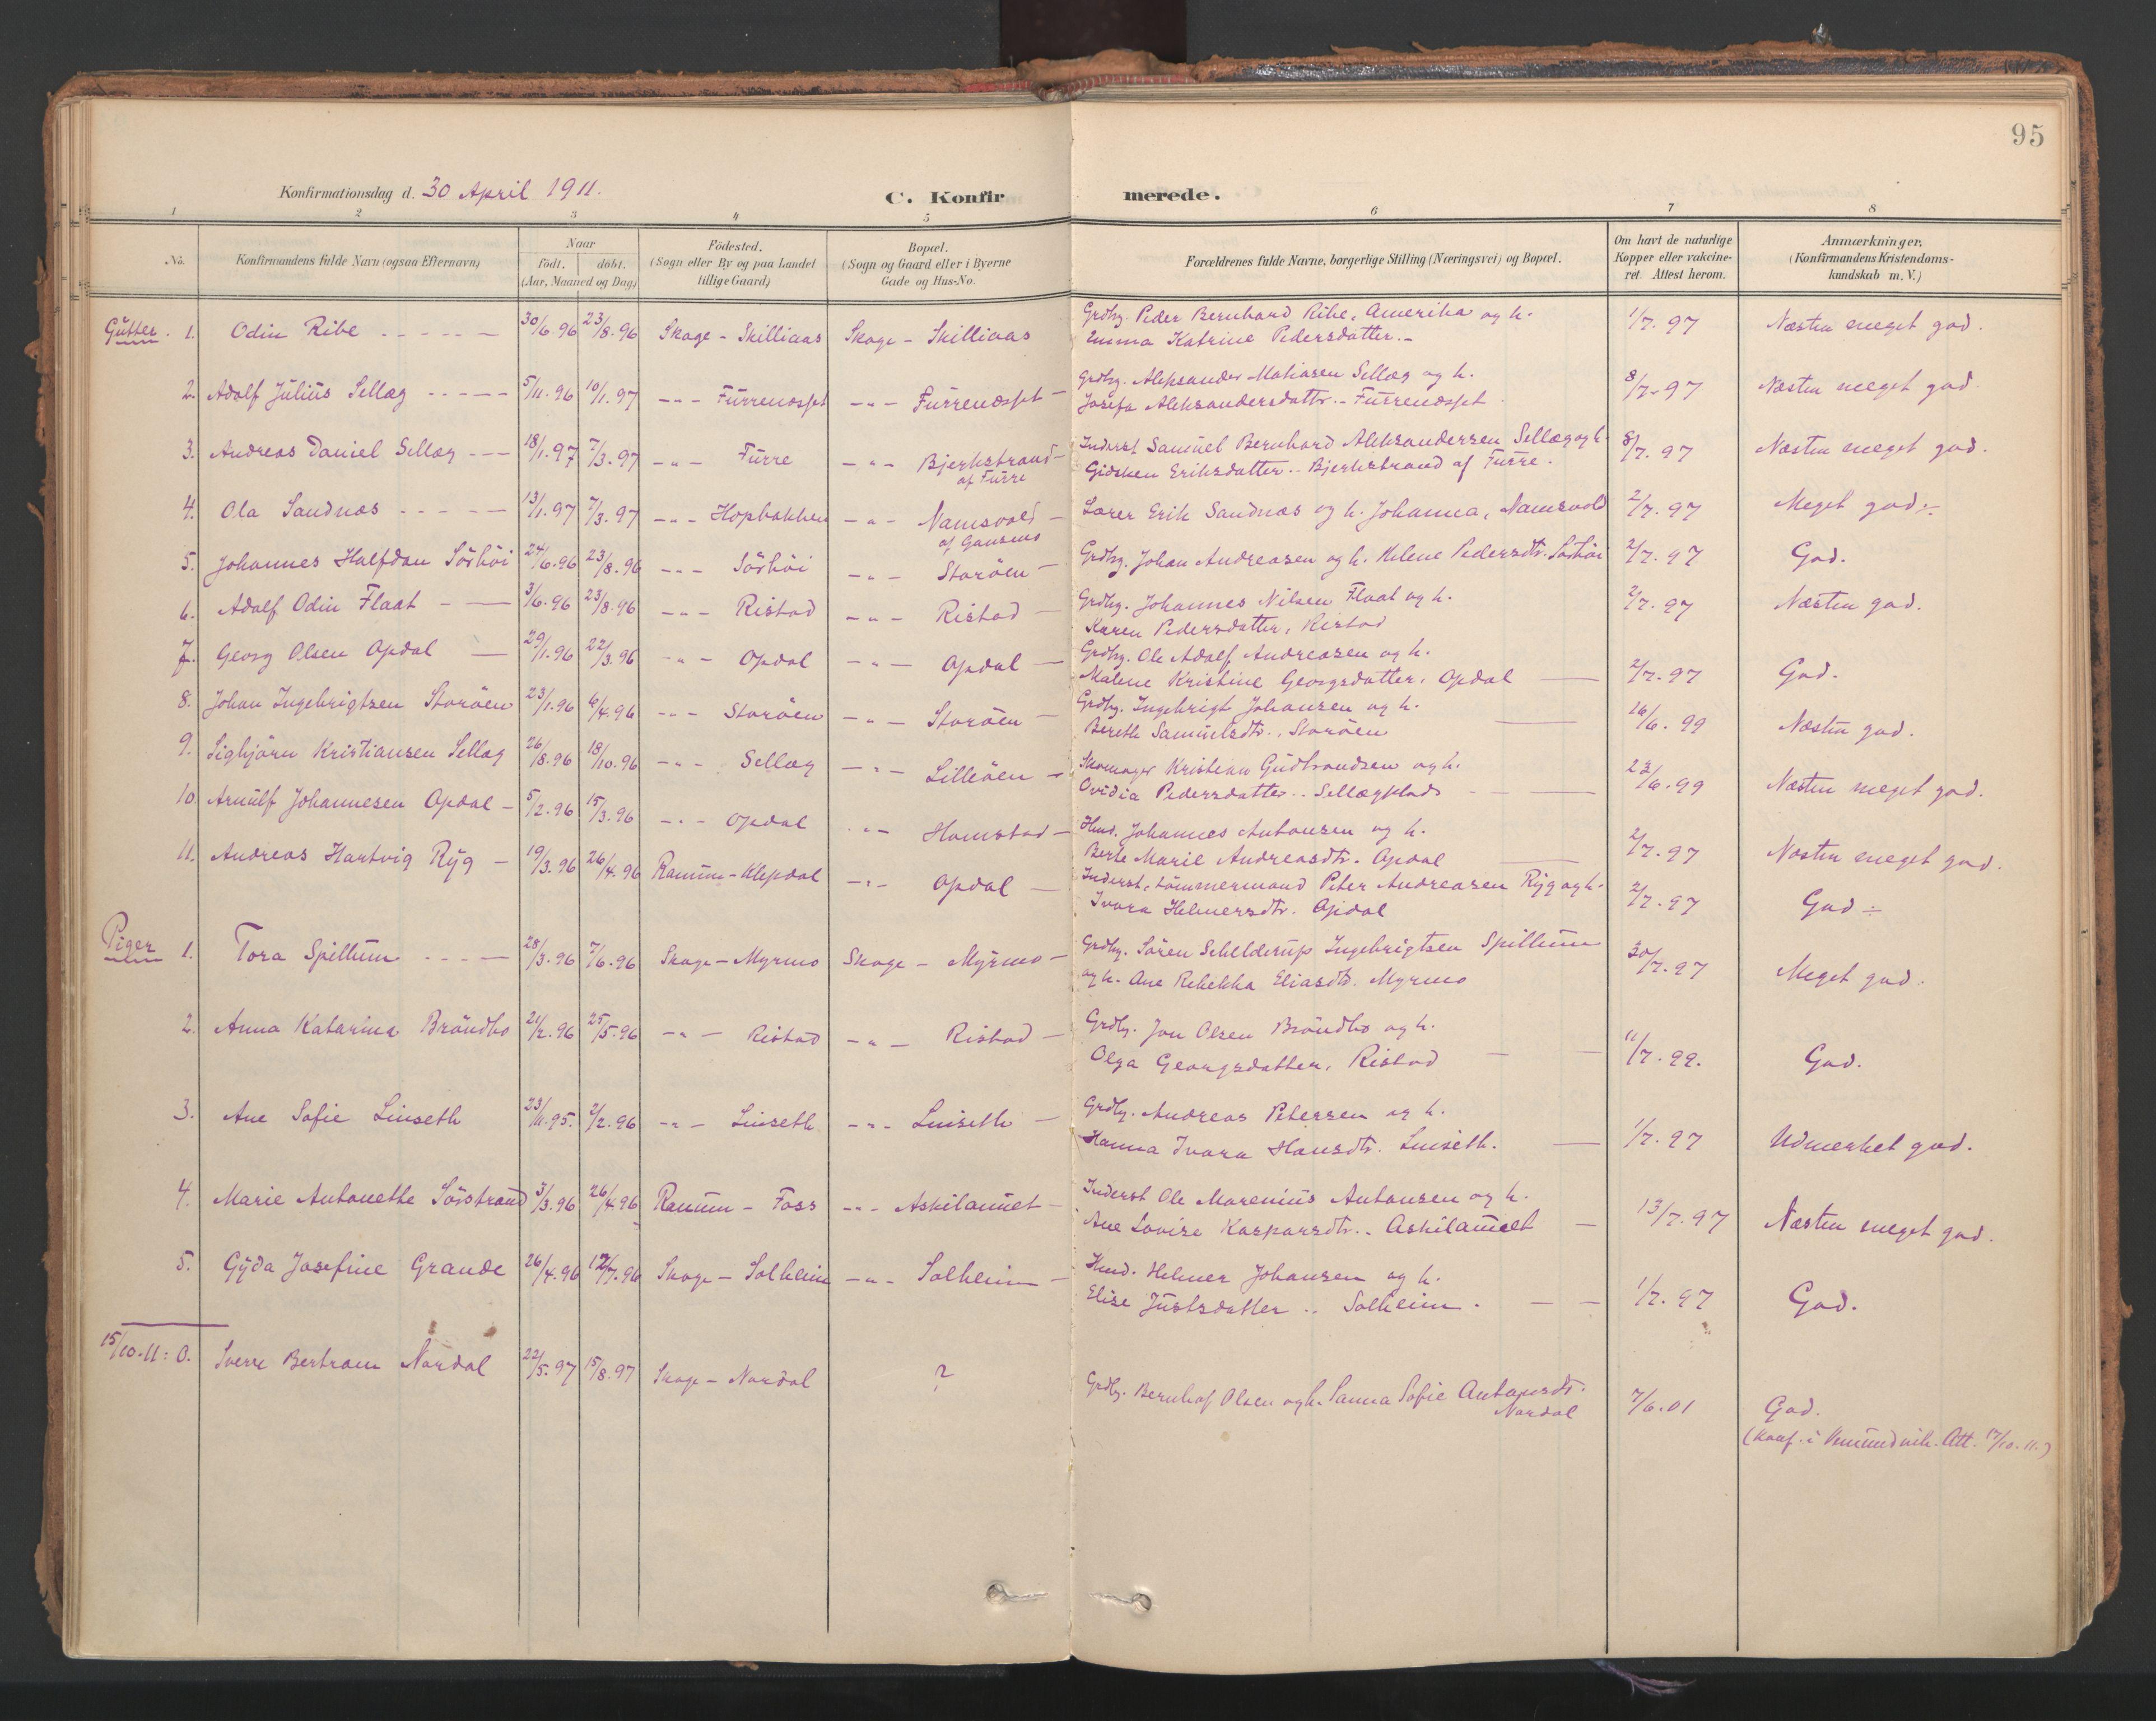 SAT, Ministerialprotokoller, klokkerbøker og fødselsregistre - Nord-Trøndelag, 766/L0564: Ministerialbok nr. 767A02, 1900-1932, s. 95